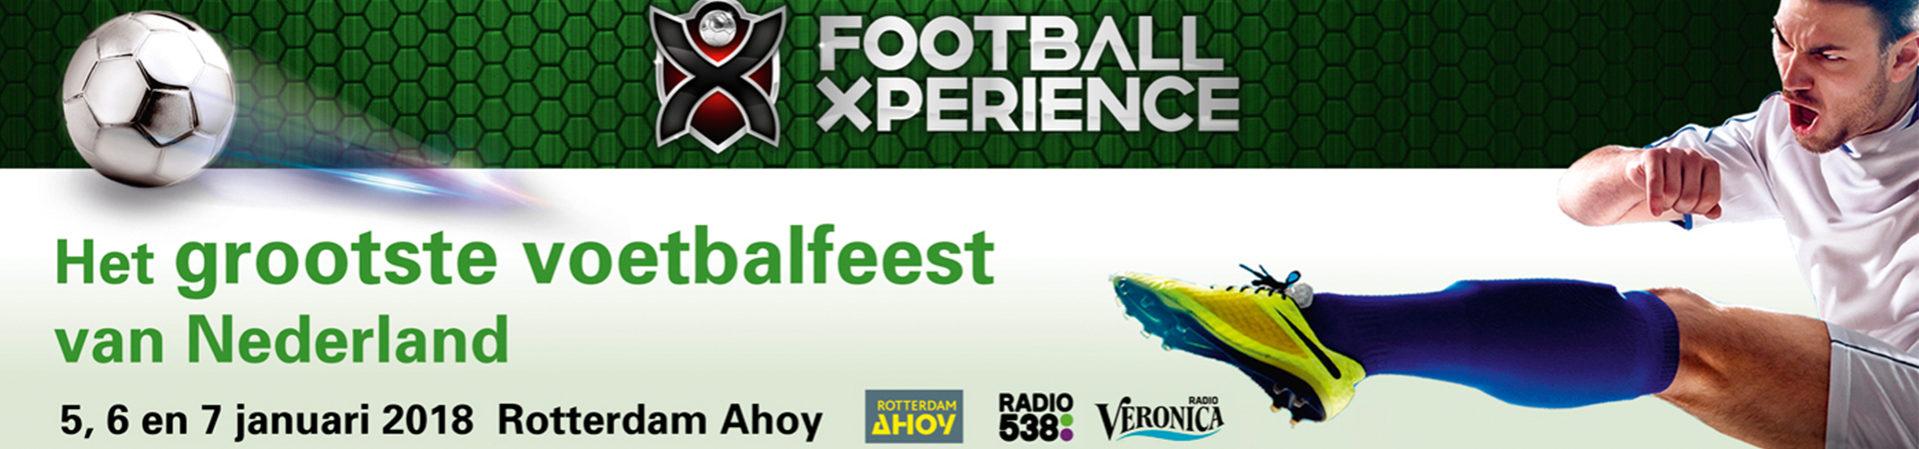 1920x450-footballXperience